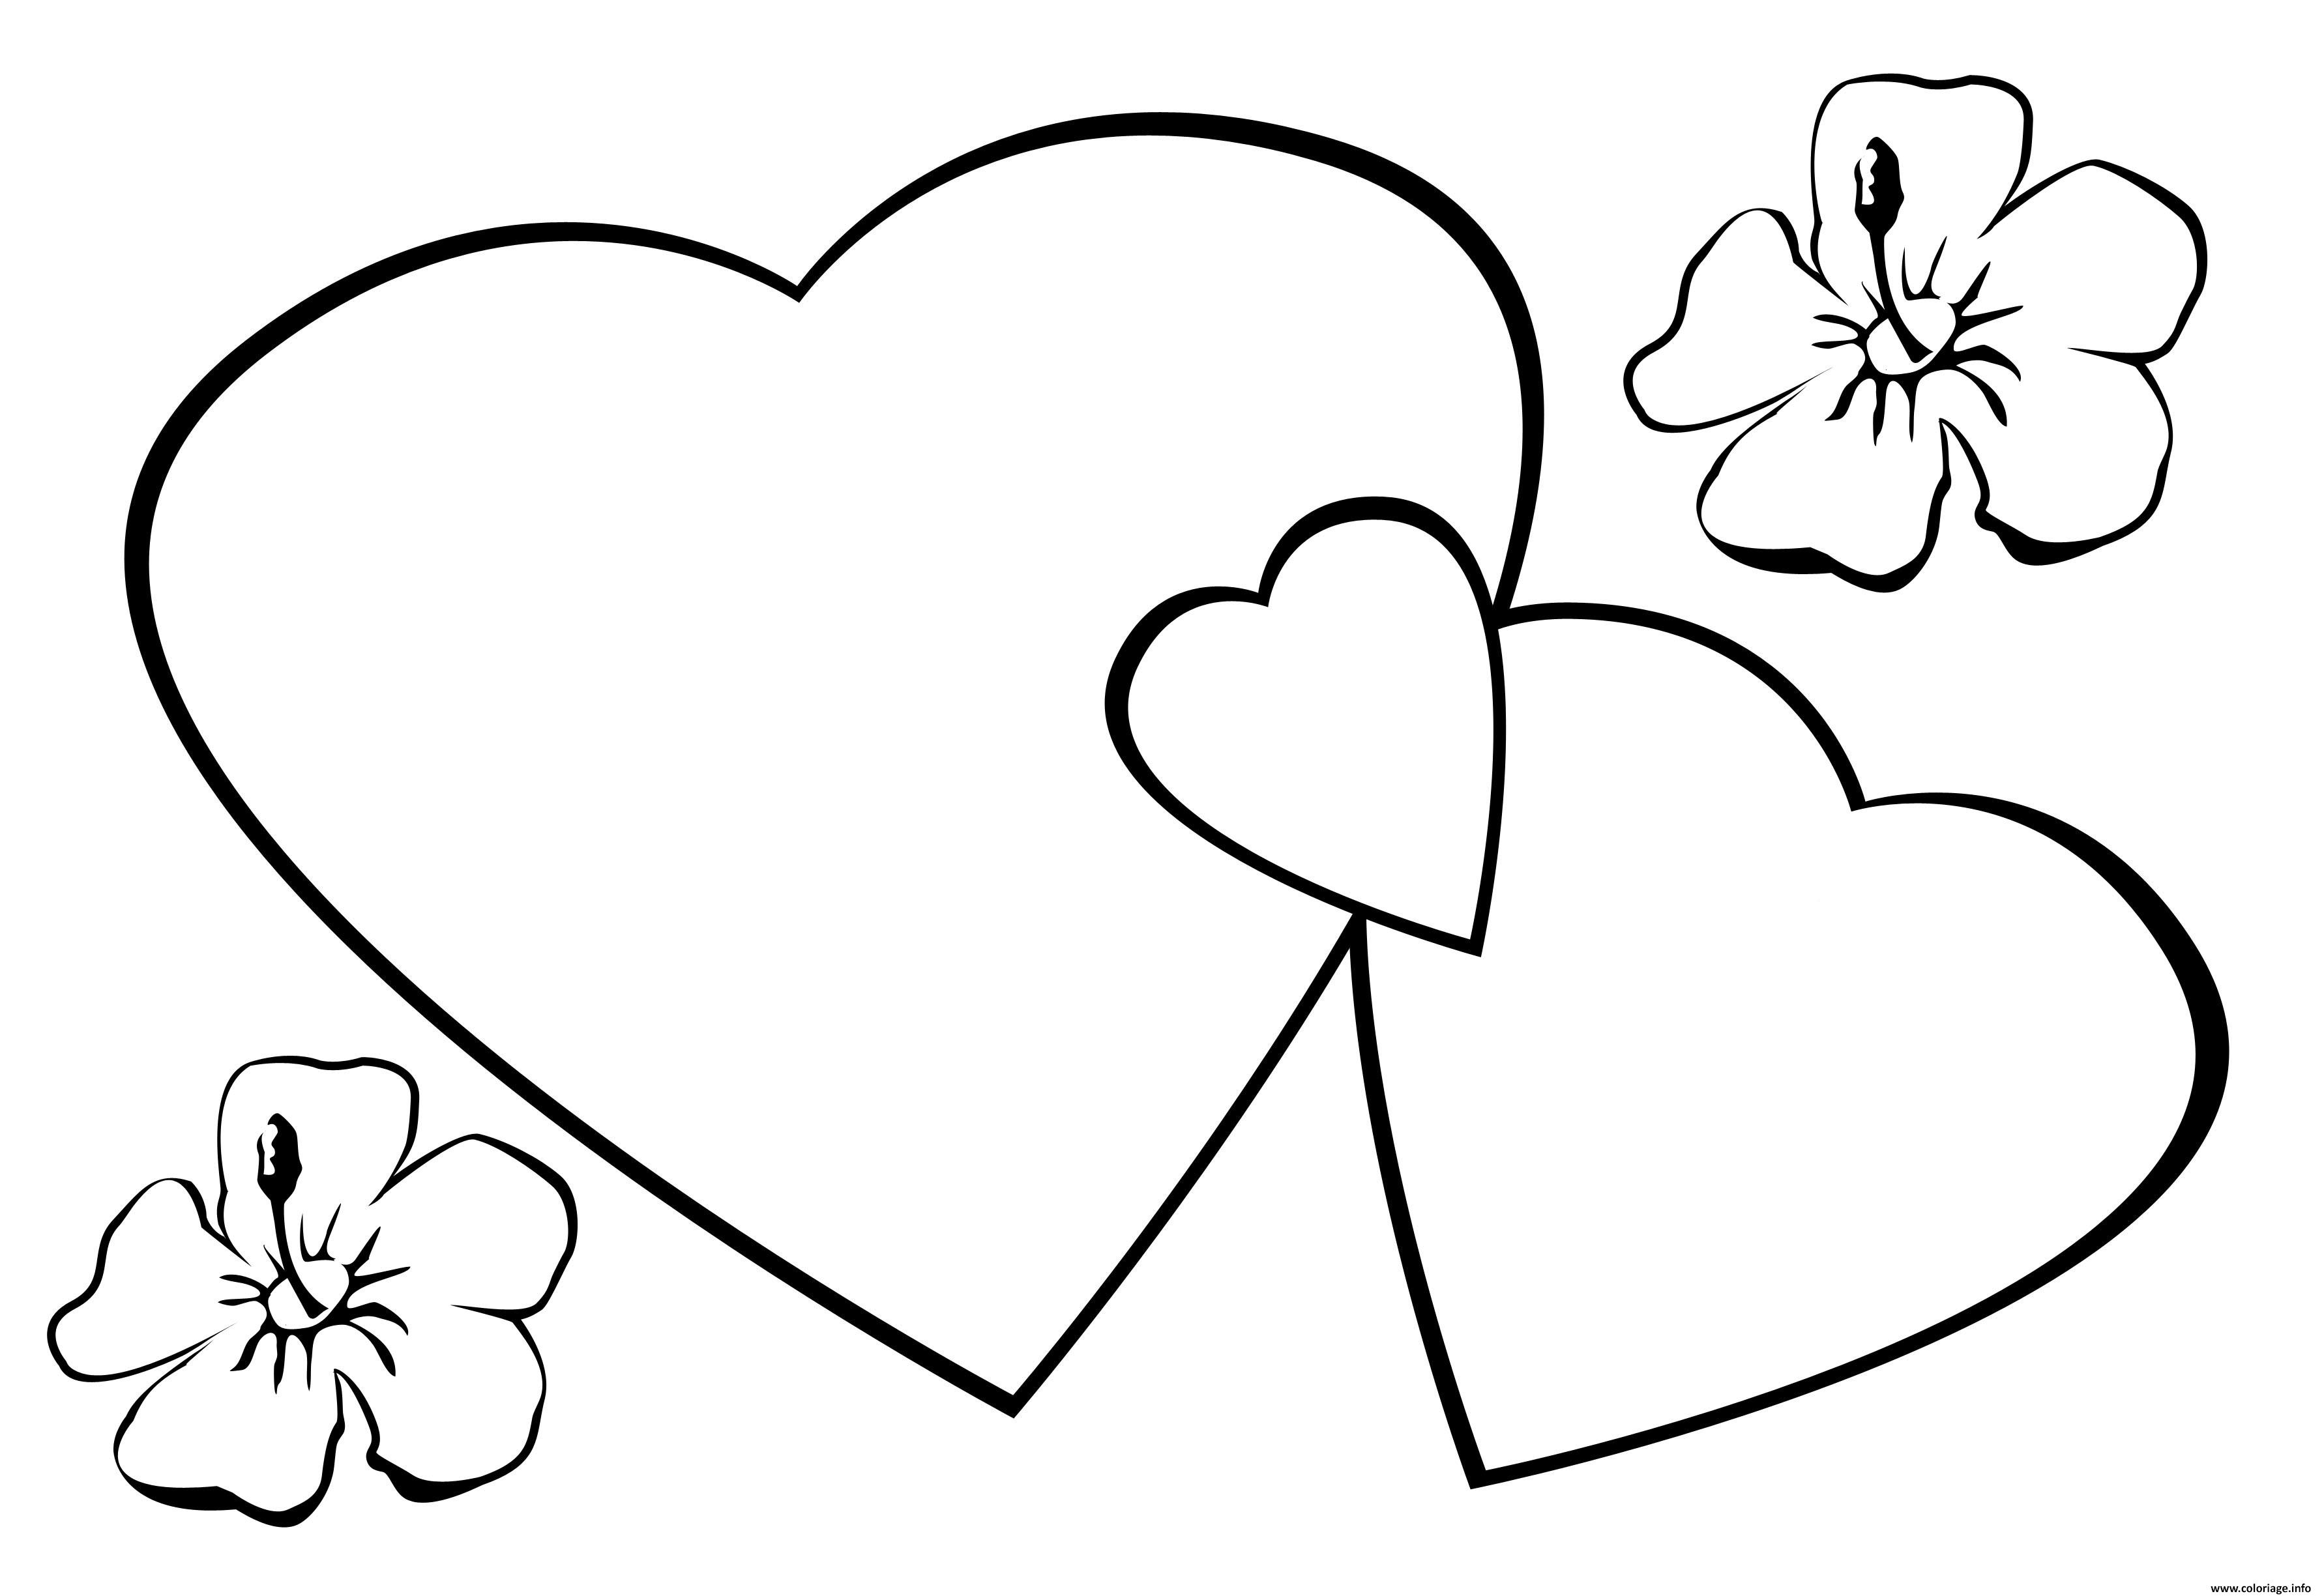 Coloriage coeurs st valentin fleurs dessin - Coeur en dessin ...